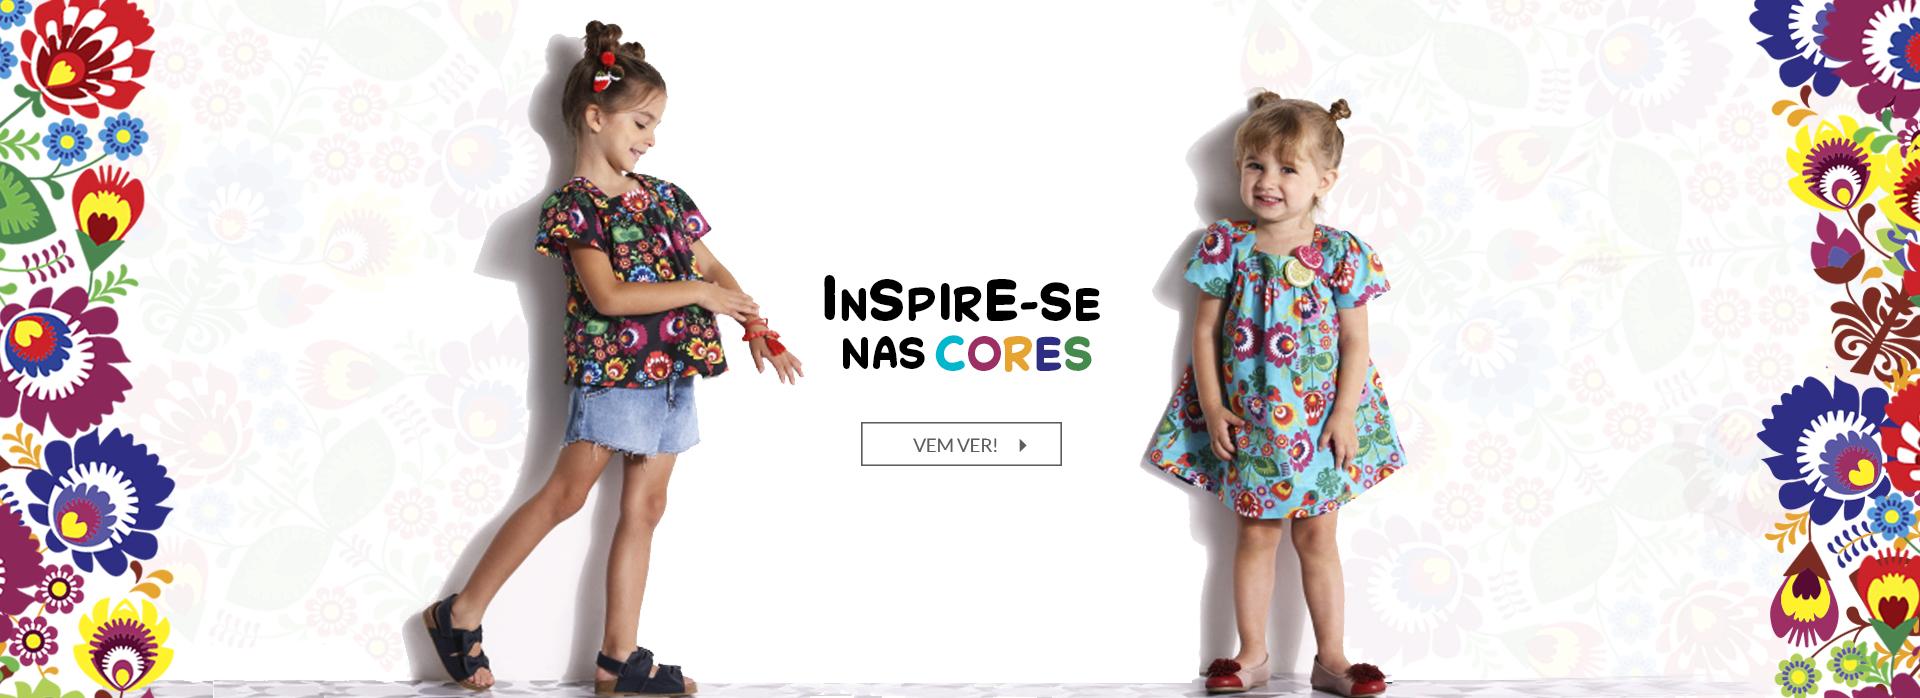 Inspire-se nas cores